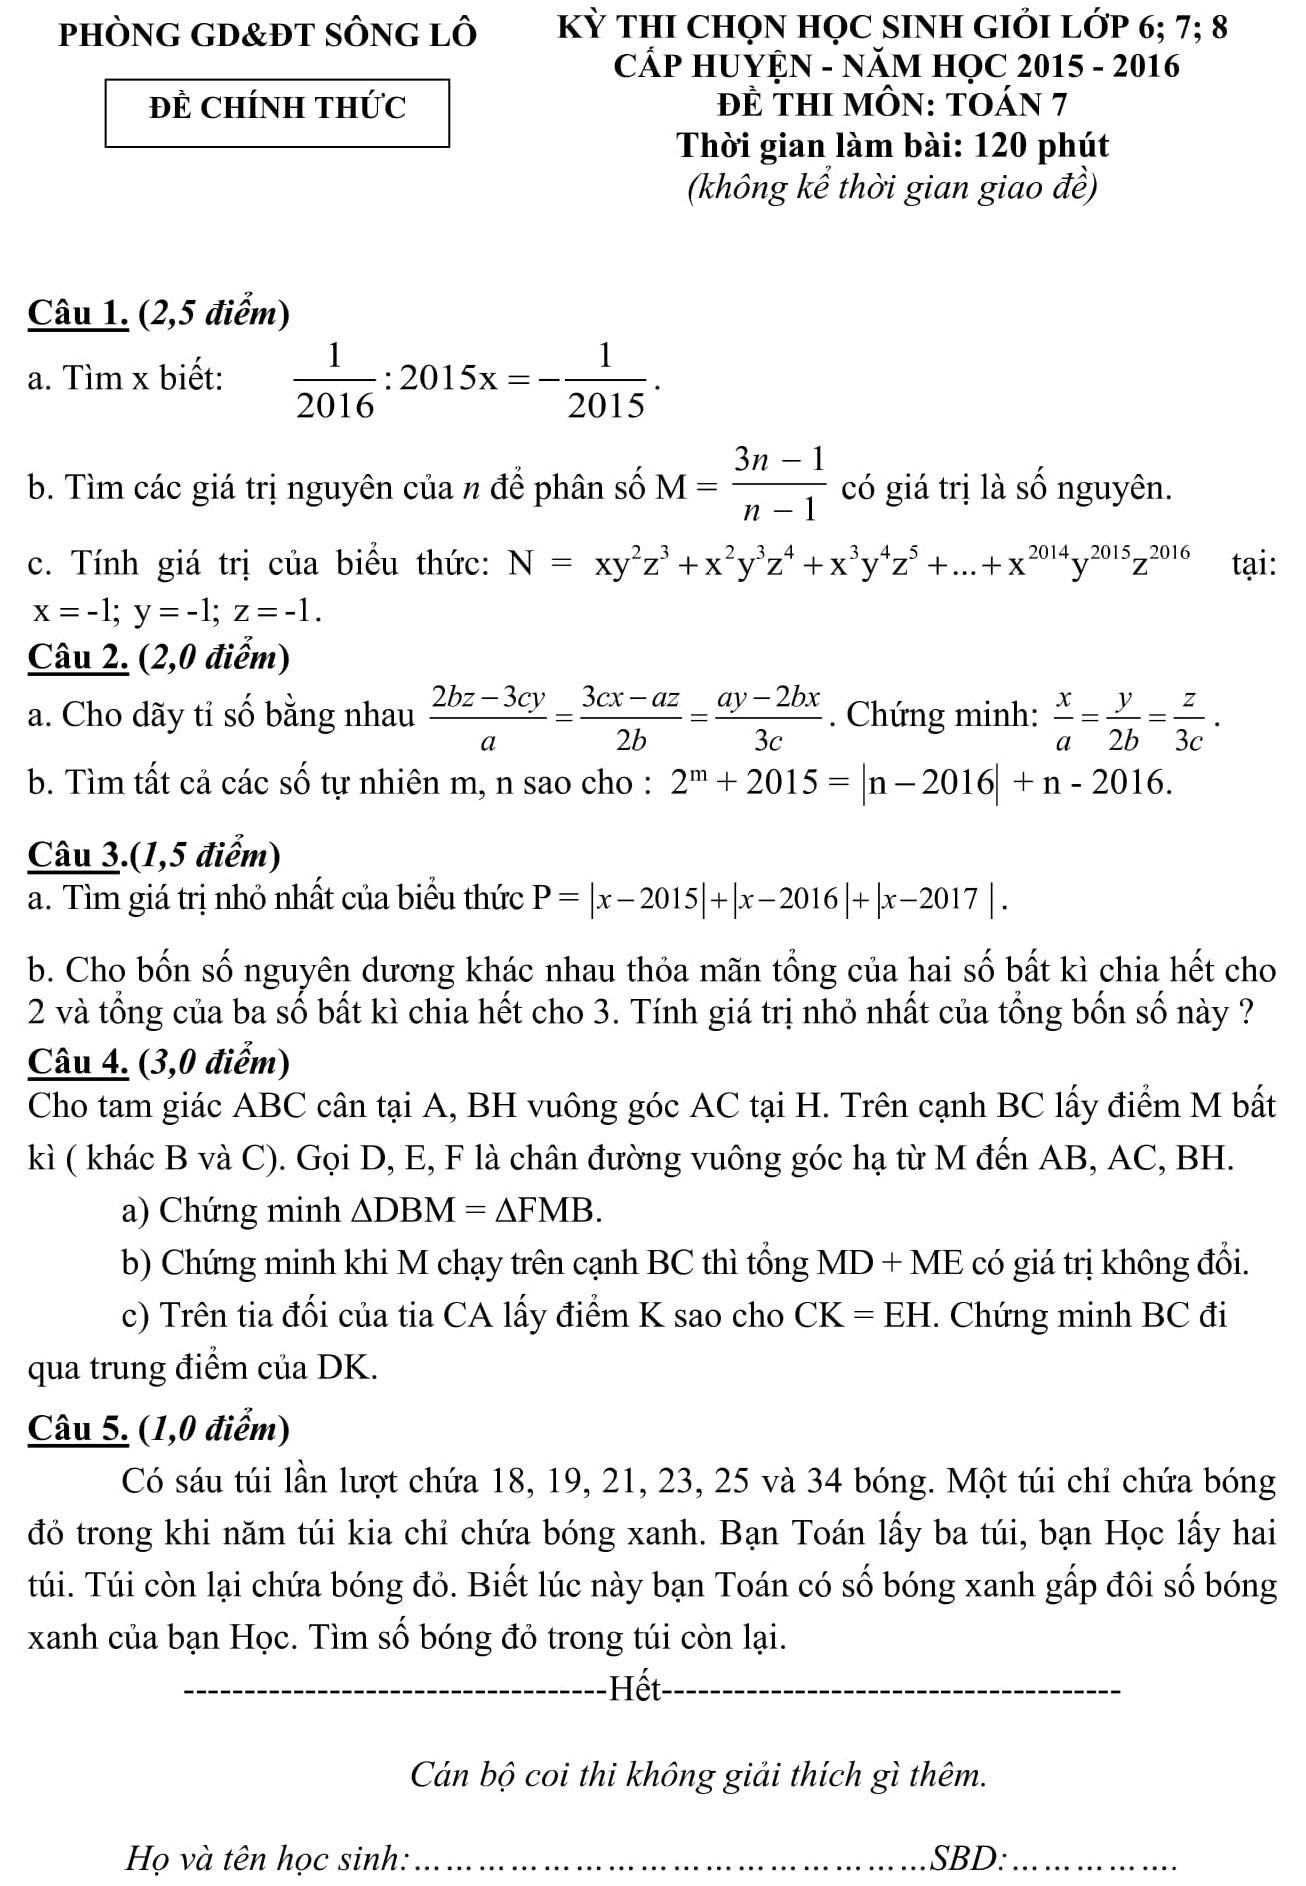 Đáp án và đề thi HSG toán 7 phòng GD&ĐT Sông Lô 2015-2016